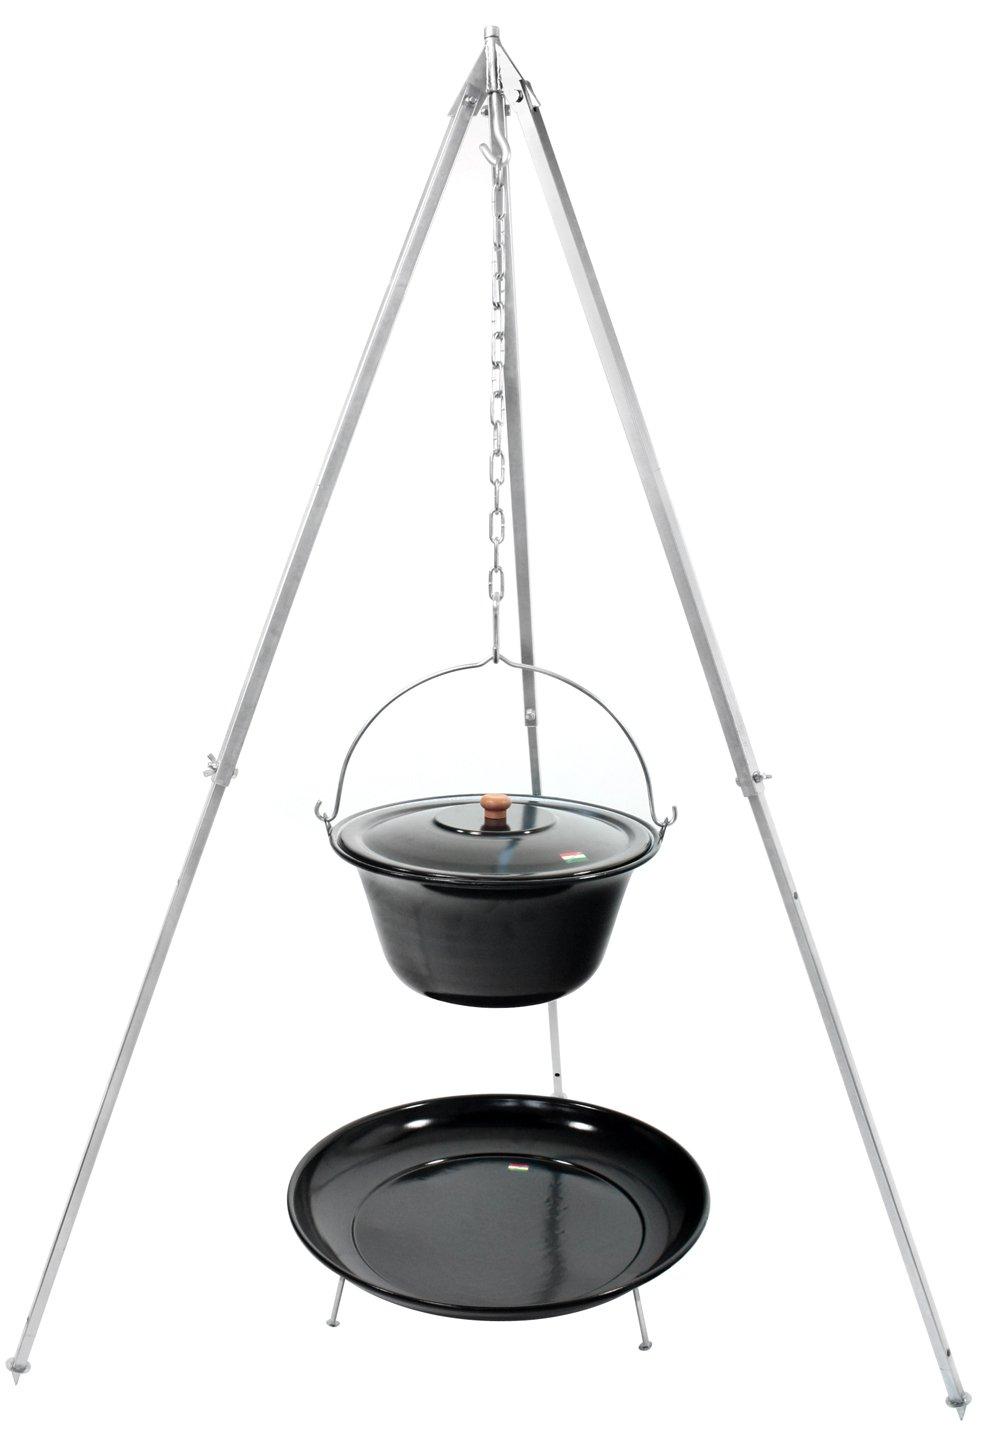 Gulaschkessel Set 15 Liter